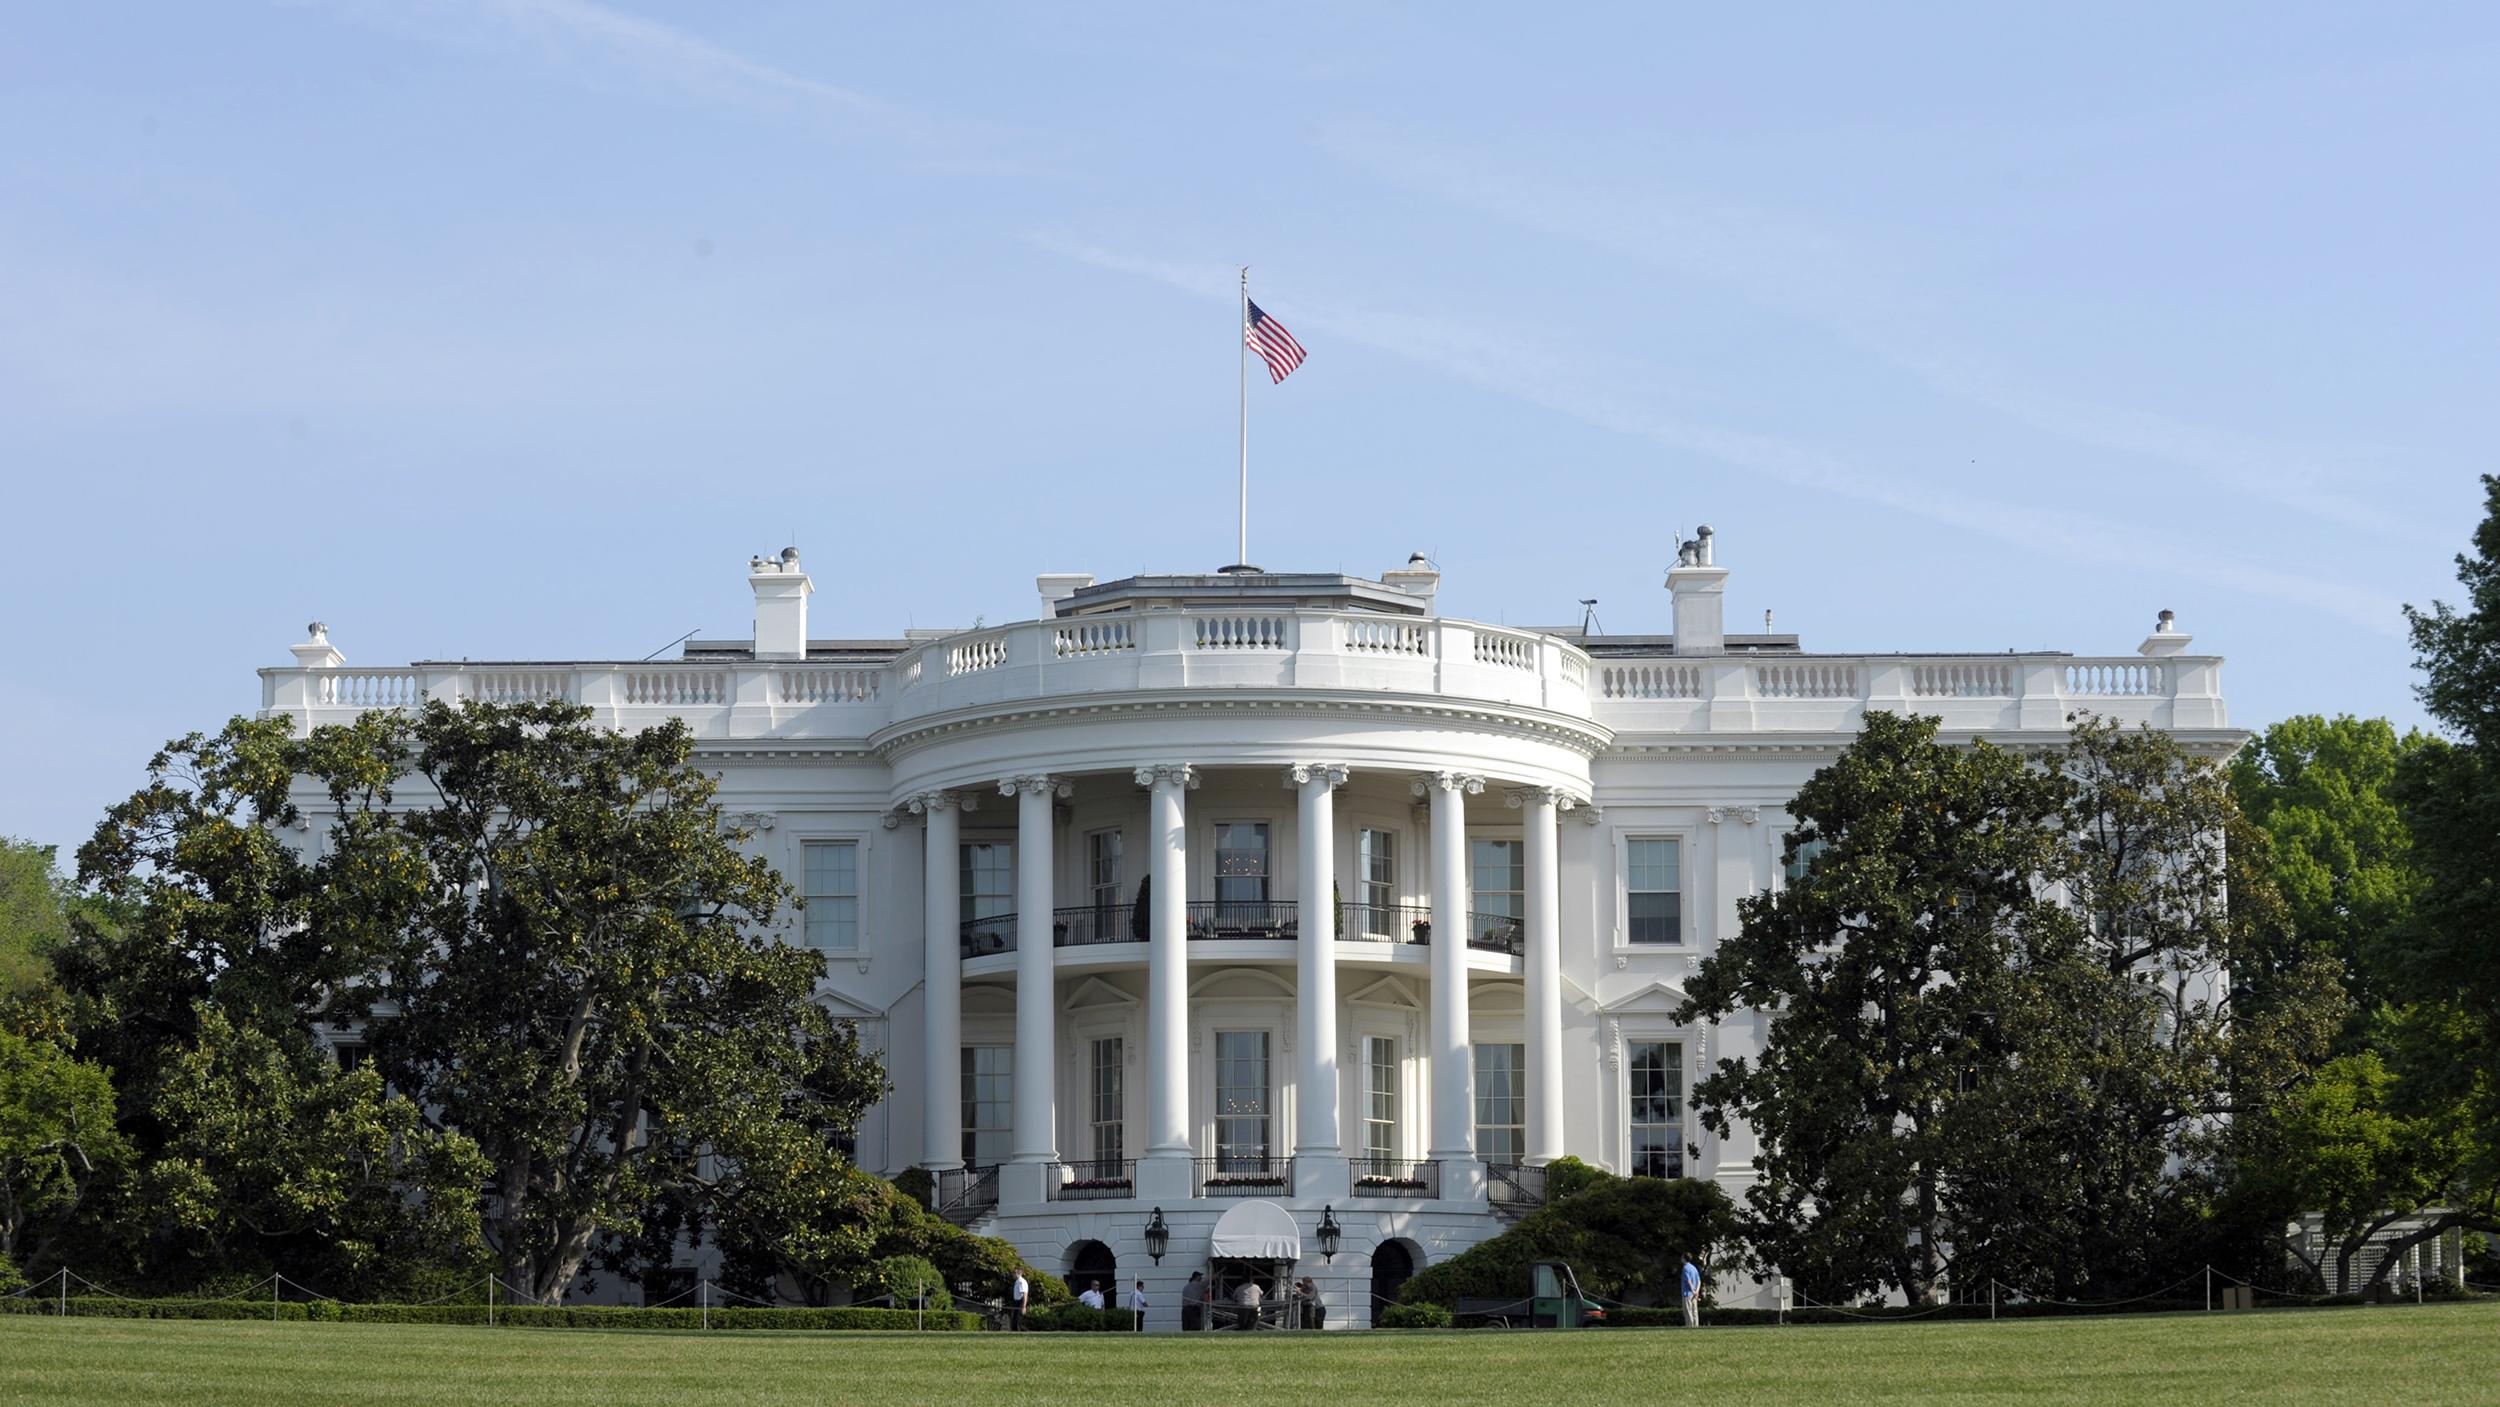 the-white-house-tease-today-170120_c61229fed9ba54b2848fb9479cefd7b1.jpg